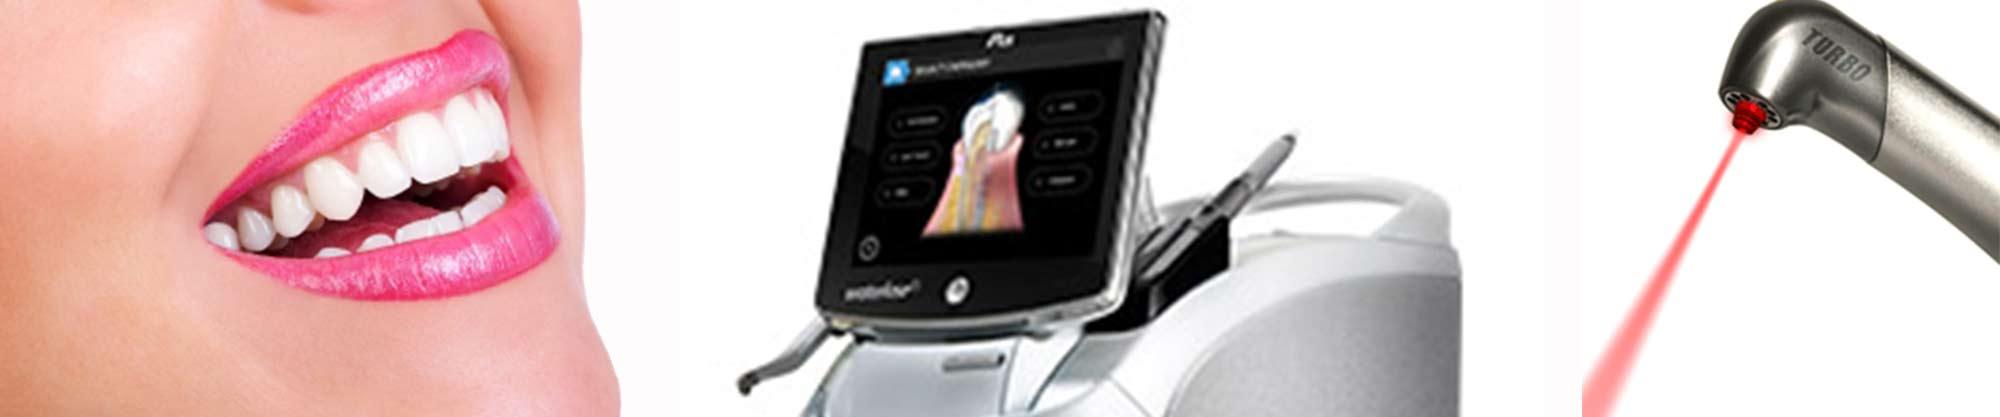 Laser Biolase - Polyclinique dentaire Européenne - Tours - Région Centre - Spécialités dentaires